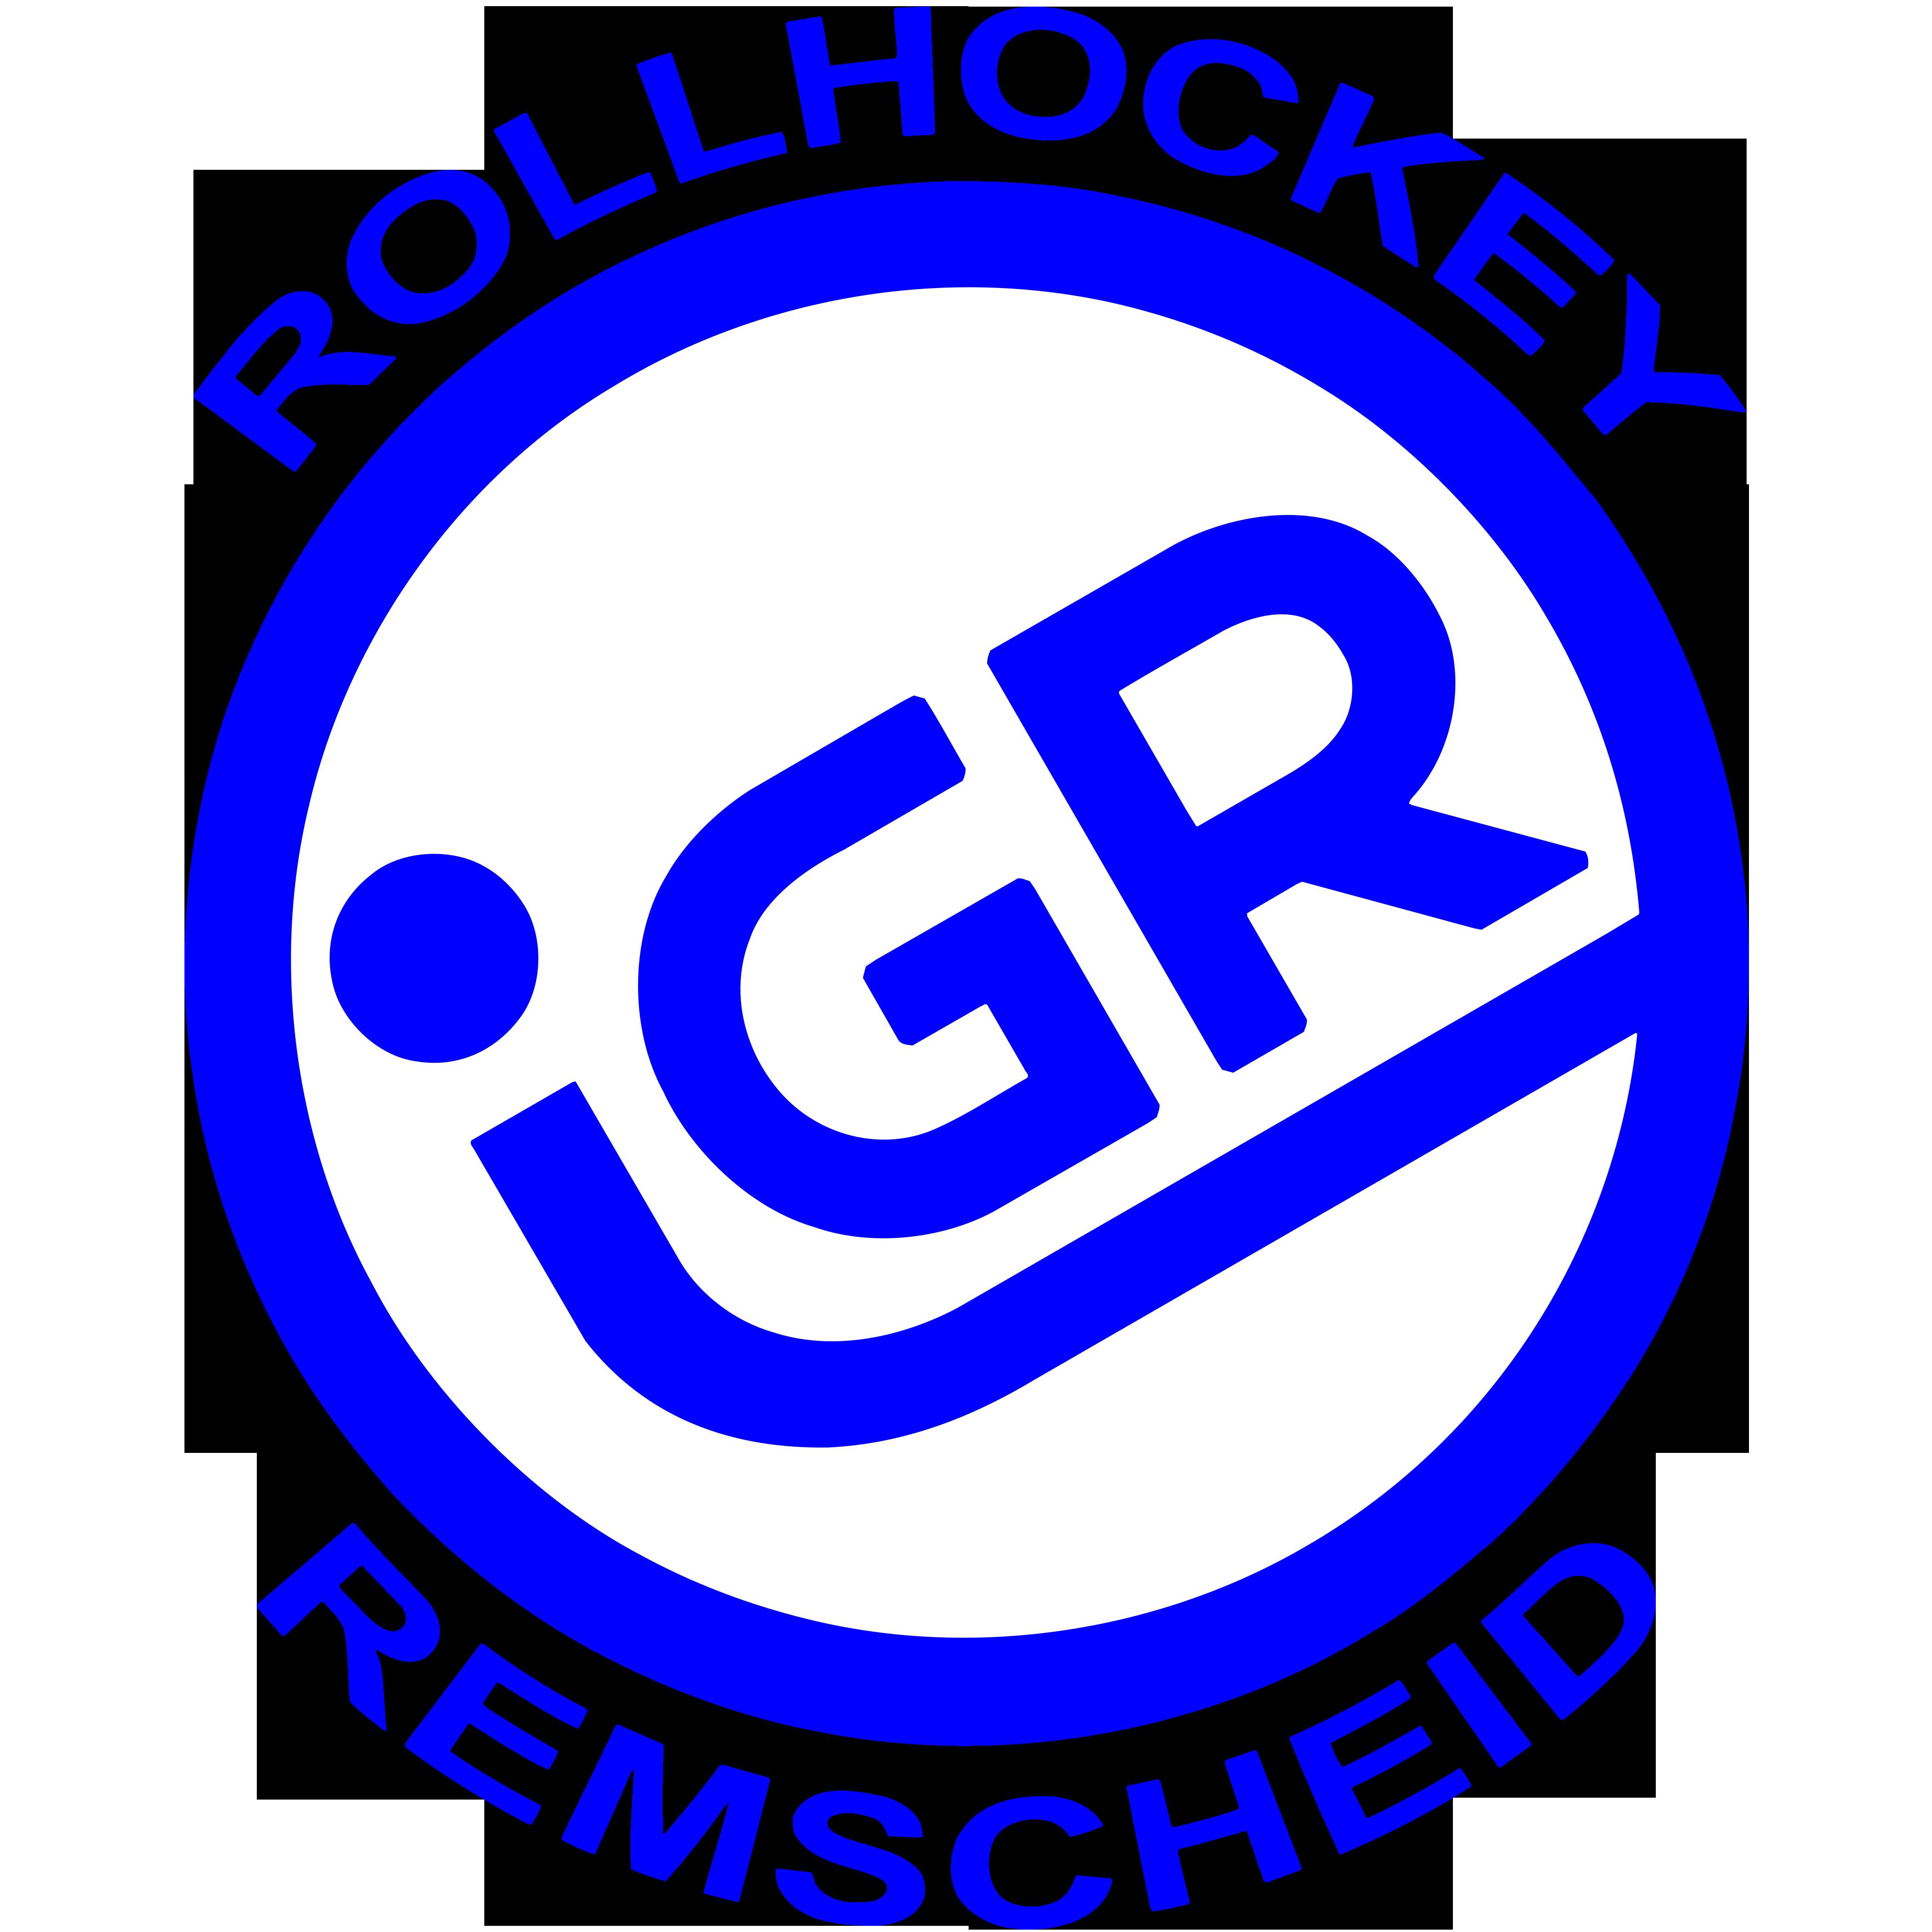 2009 Gründung des Rollsportverein IGR Remscheid e.V.